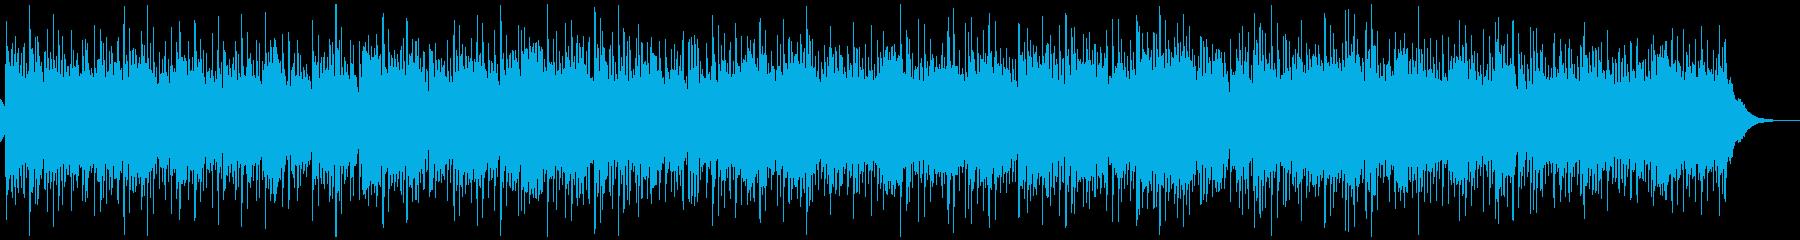 ほのぼの、ほっこりカントリーバラードの再生済みの波形